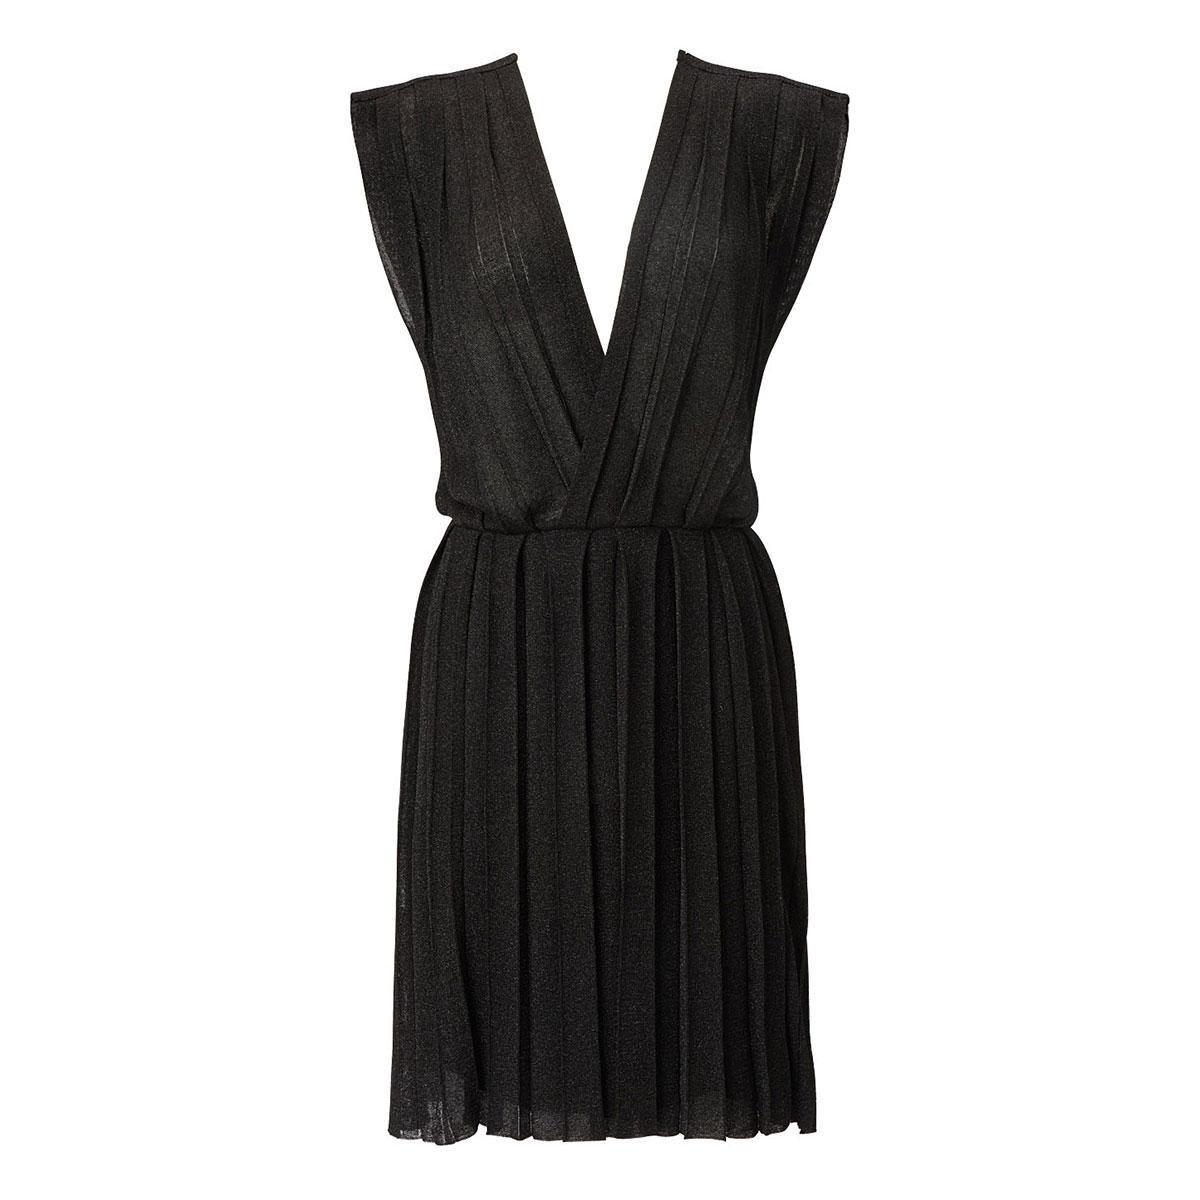 Kleid, Falten, tiefe Ausschnitte, glänzend